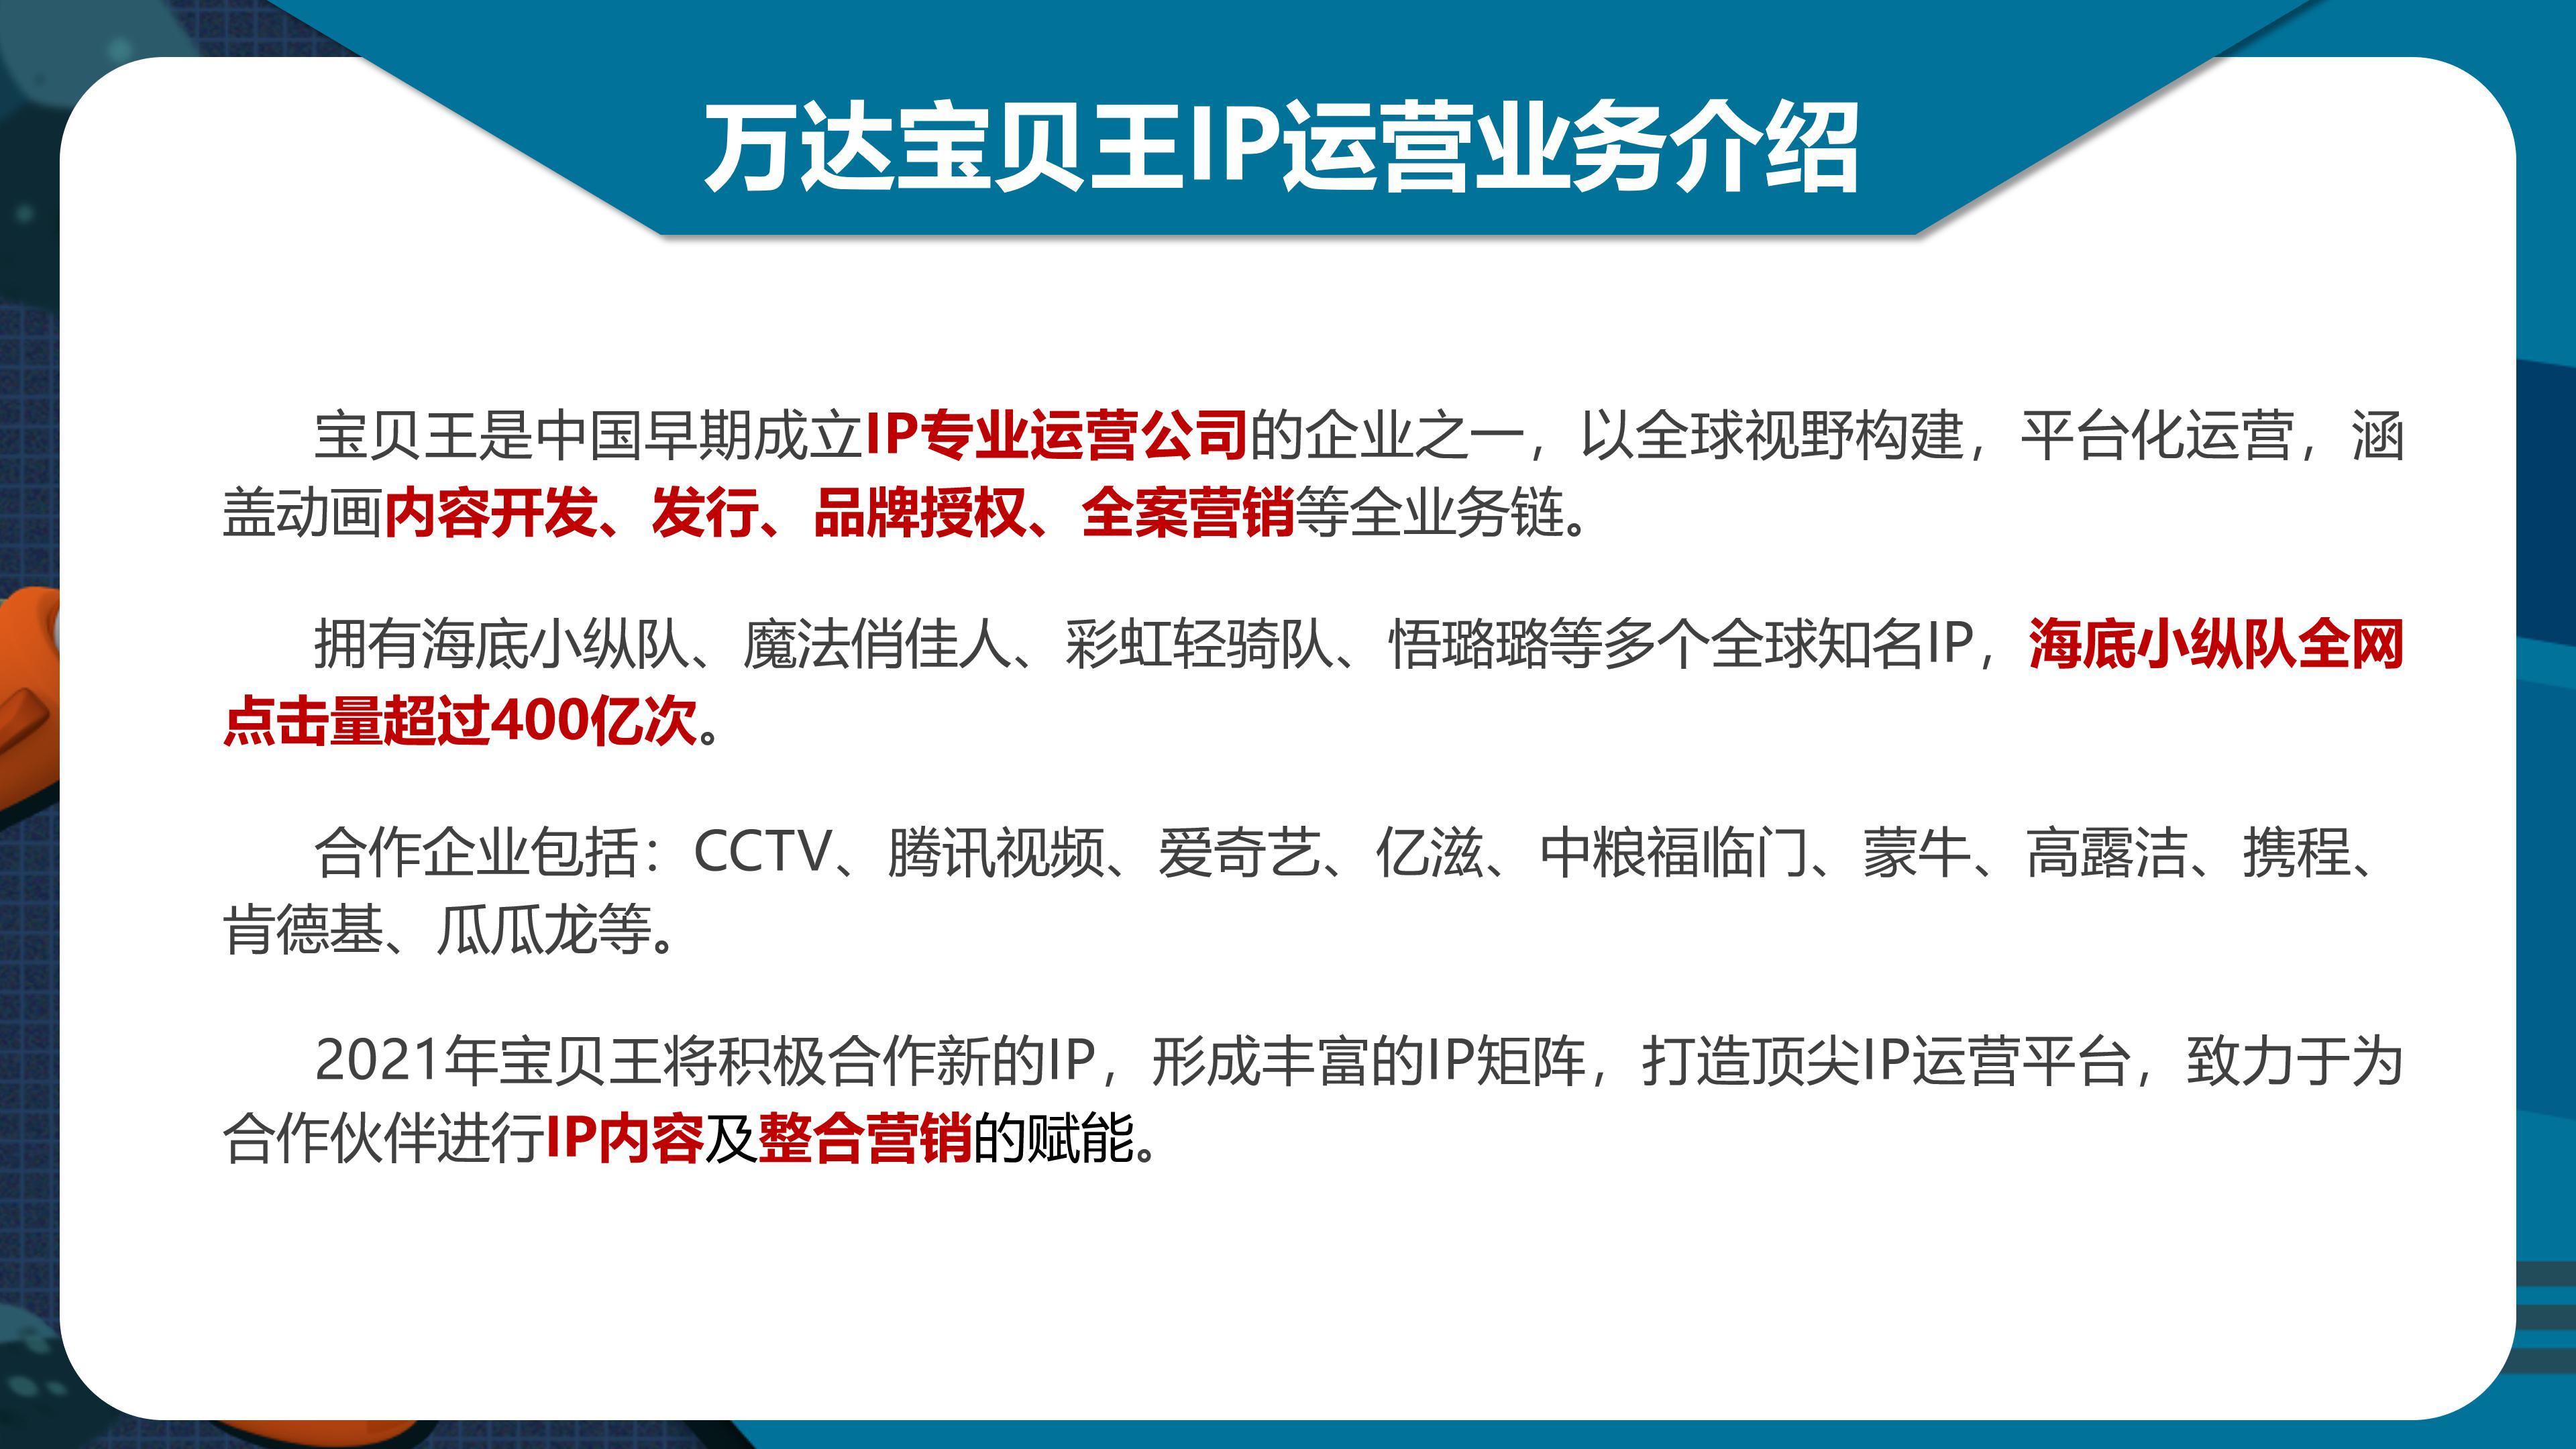 (202105对外版)-万达宝贝王IP介绍_06.jpg